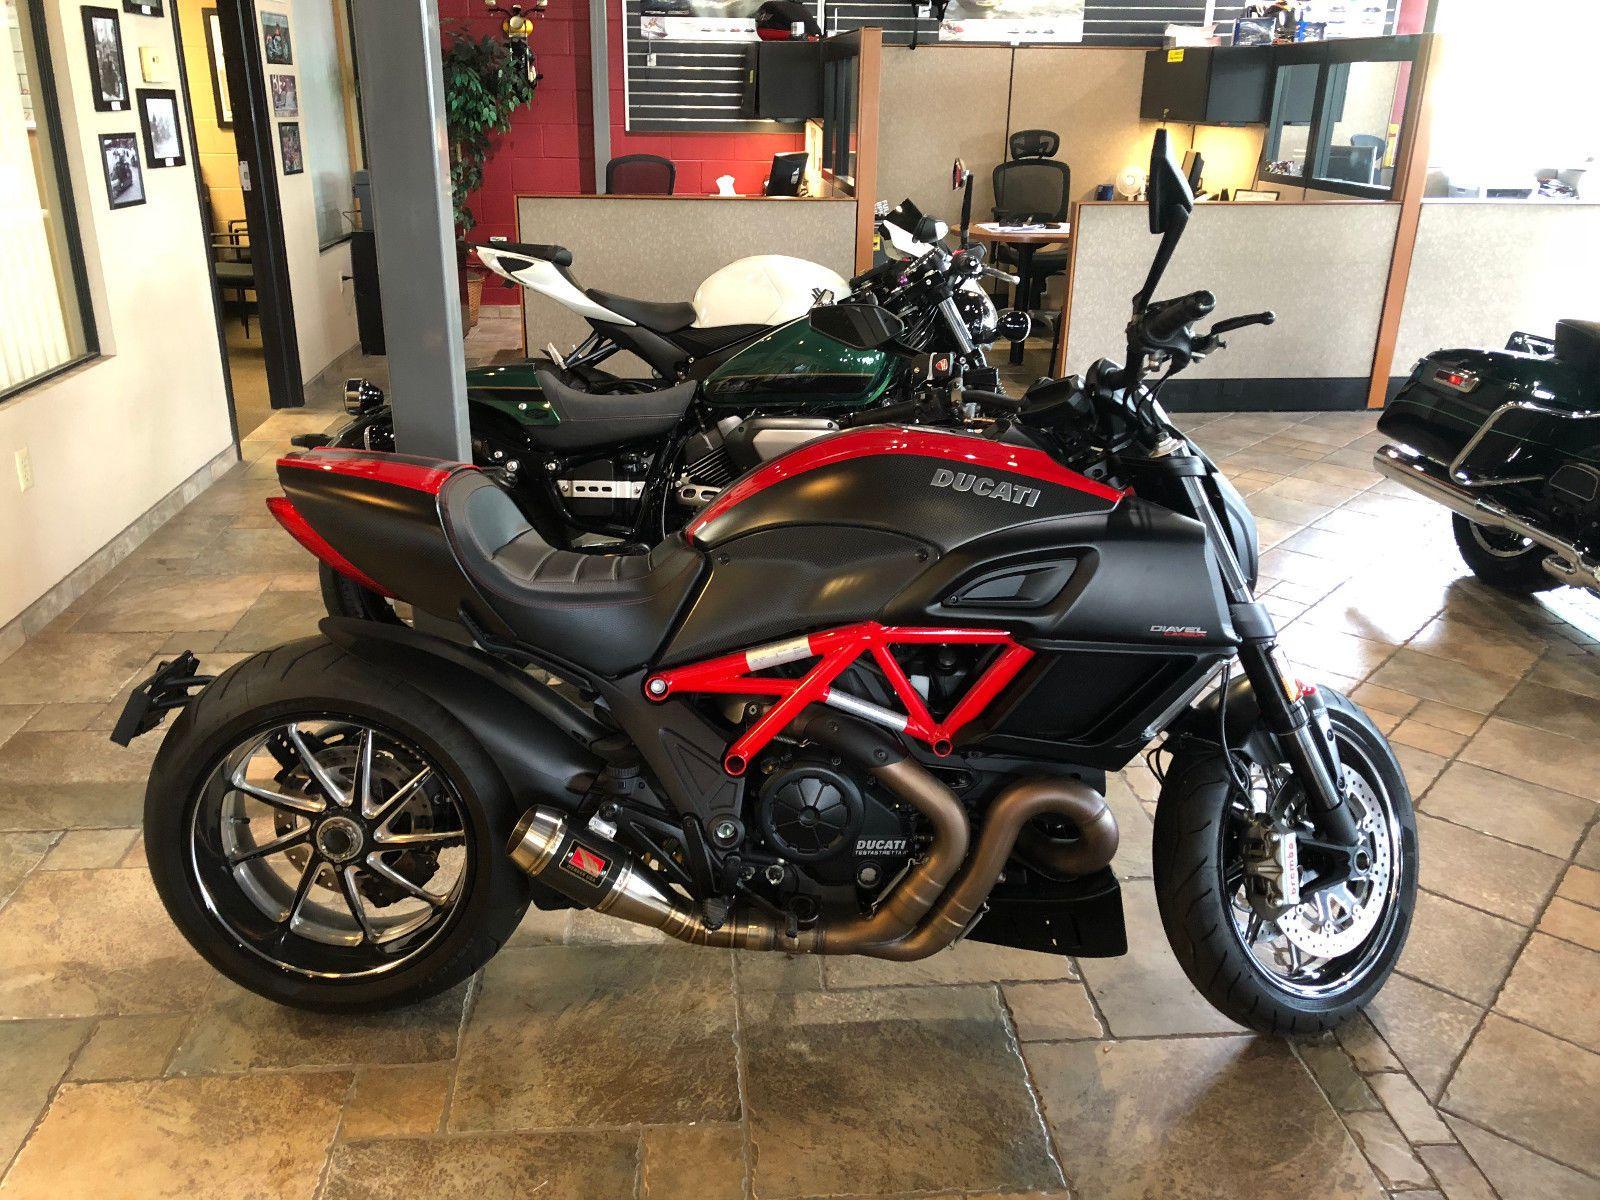 2015 Ducati Diavel Carbon Skyline Gtr Pinterest Ducati Diavel